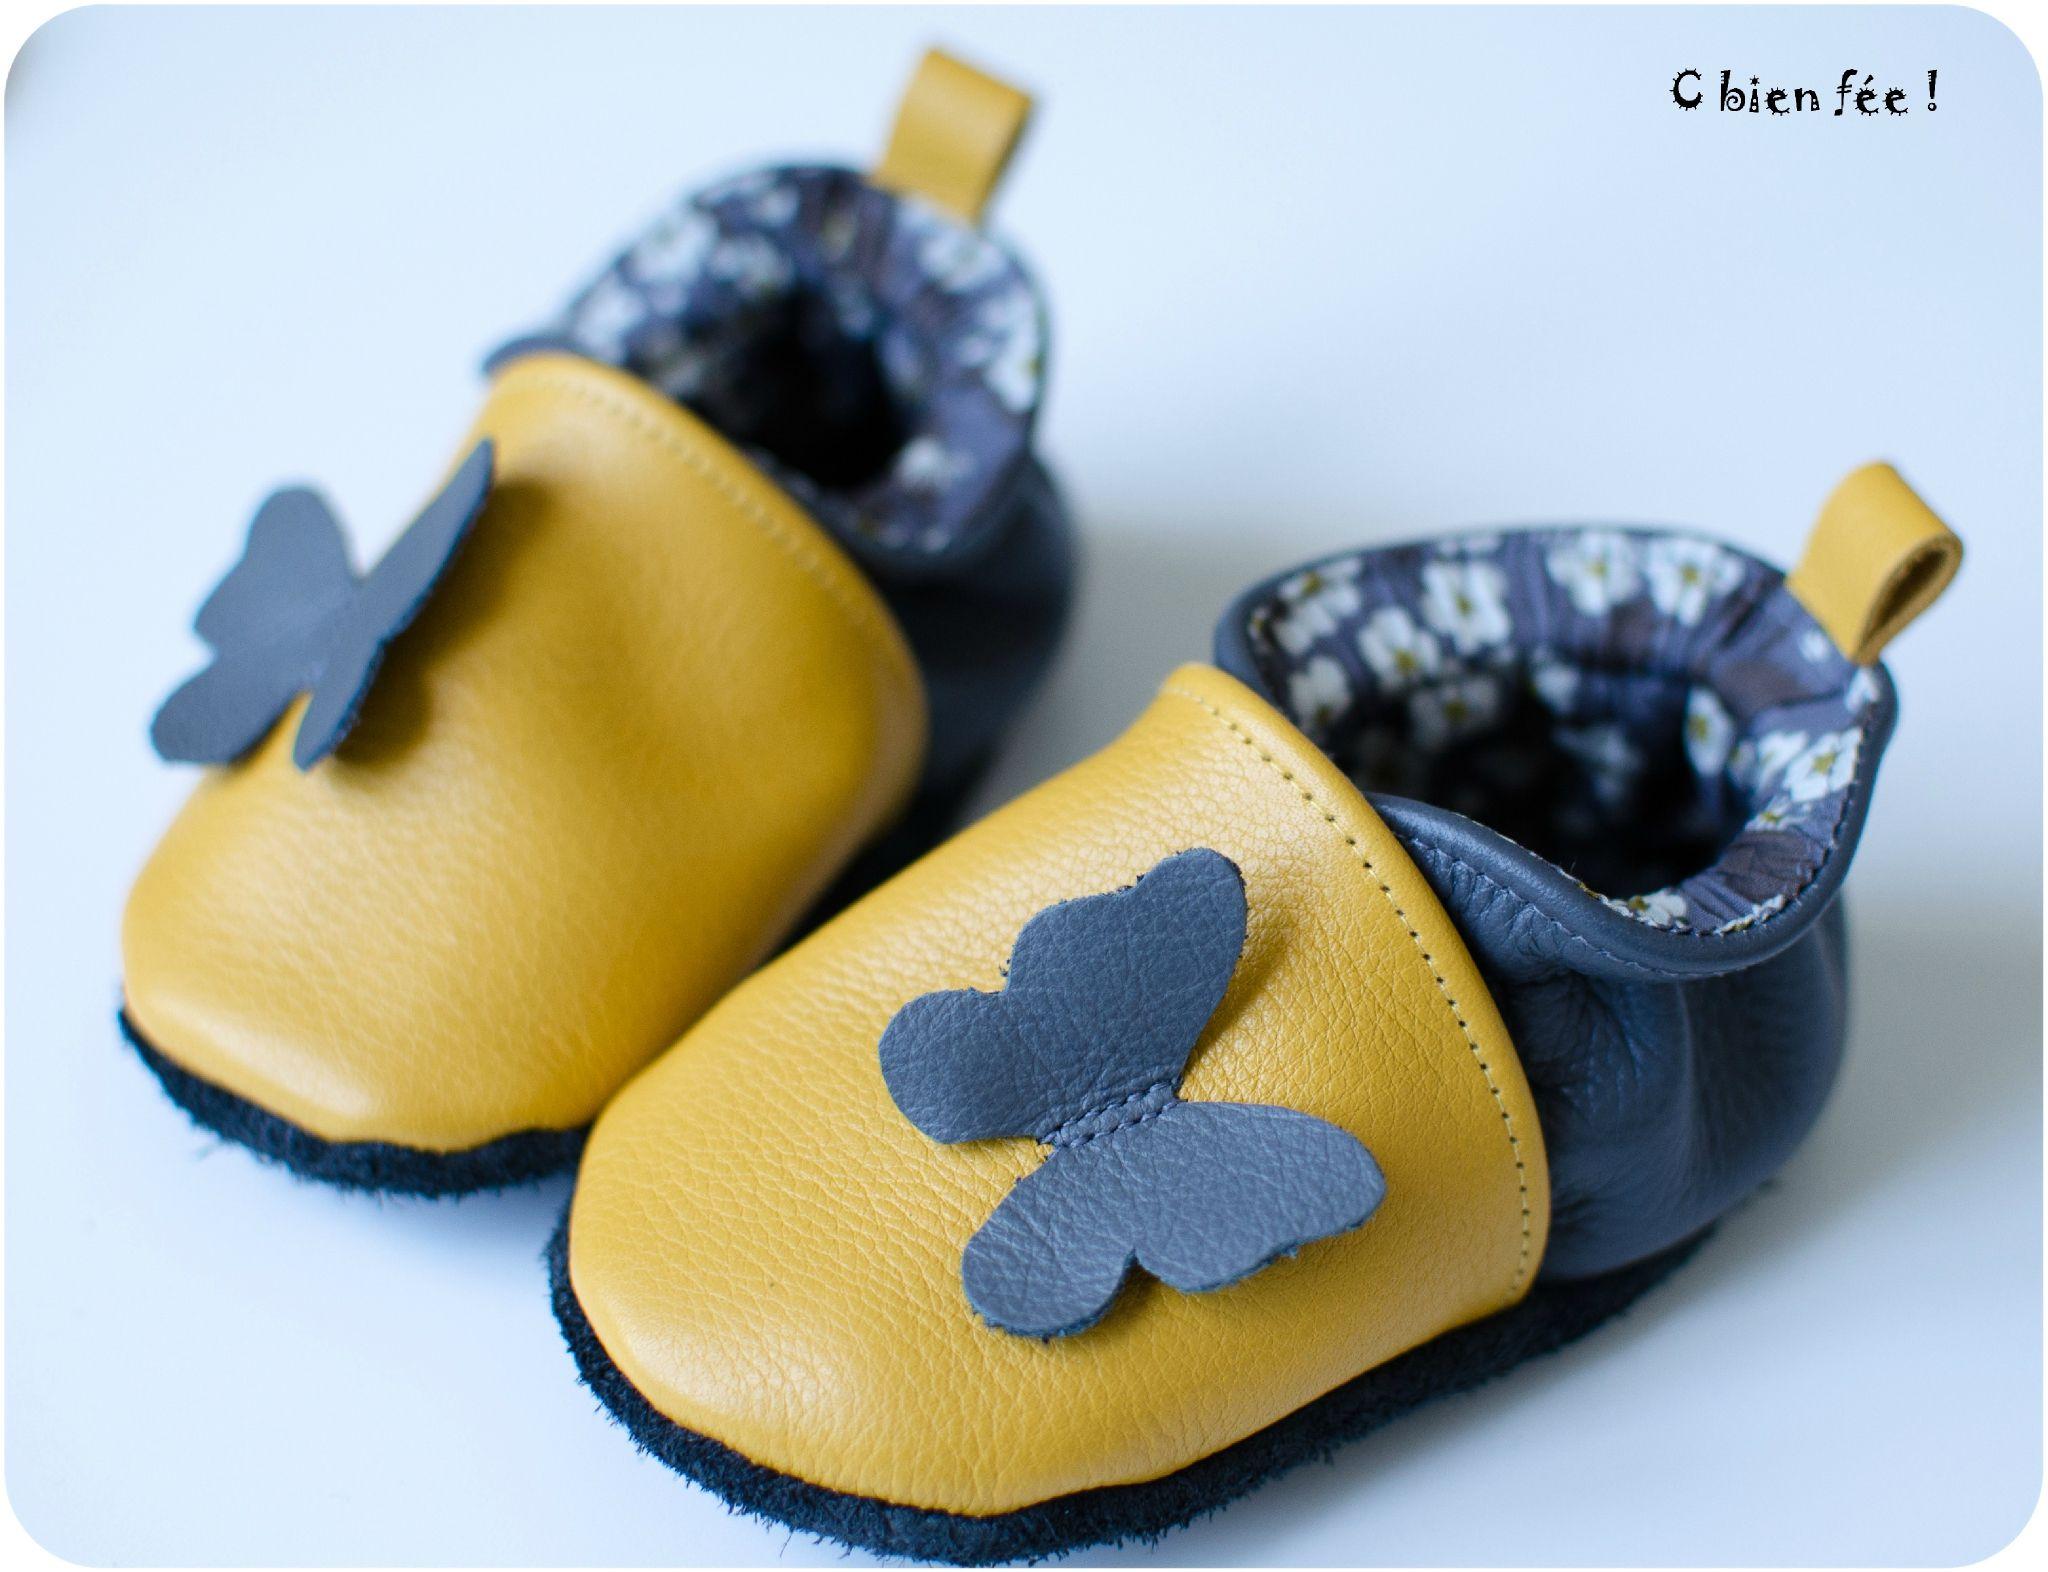 buy cheap presenting temperament shoes Envolée ... - C bien fée ! | Idée activités | Chausson bebe ...